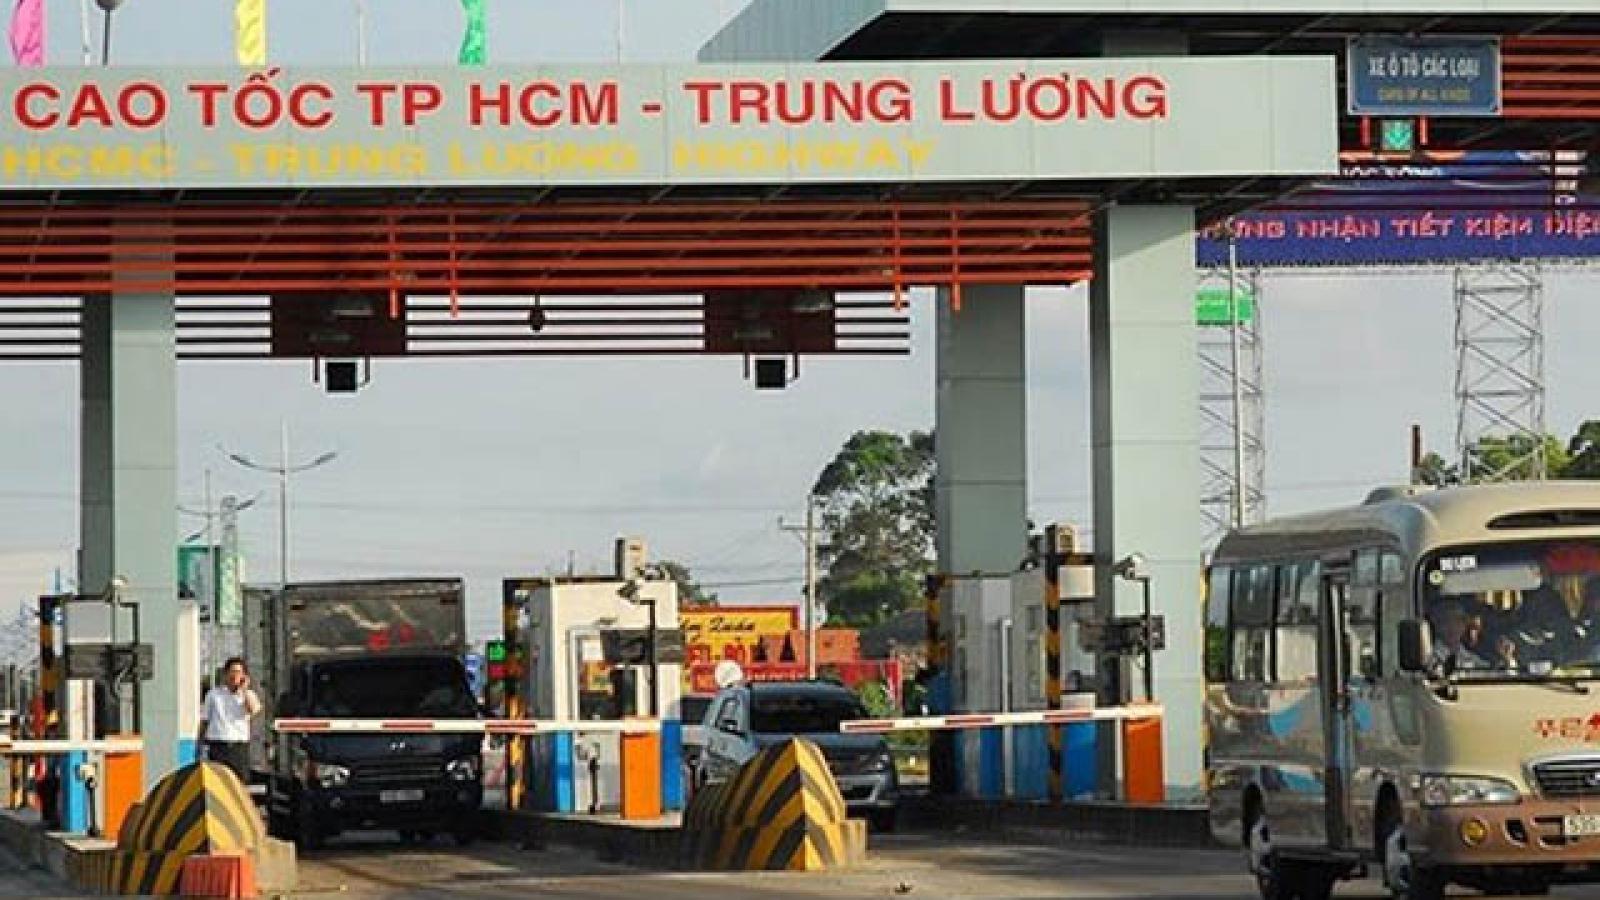 Trưng dụng 4 trạm dừng nghỉ tại Long An, Tiền Giang làm chốt kiểm dịch lái xe chở hàng